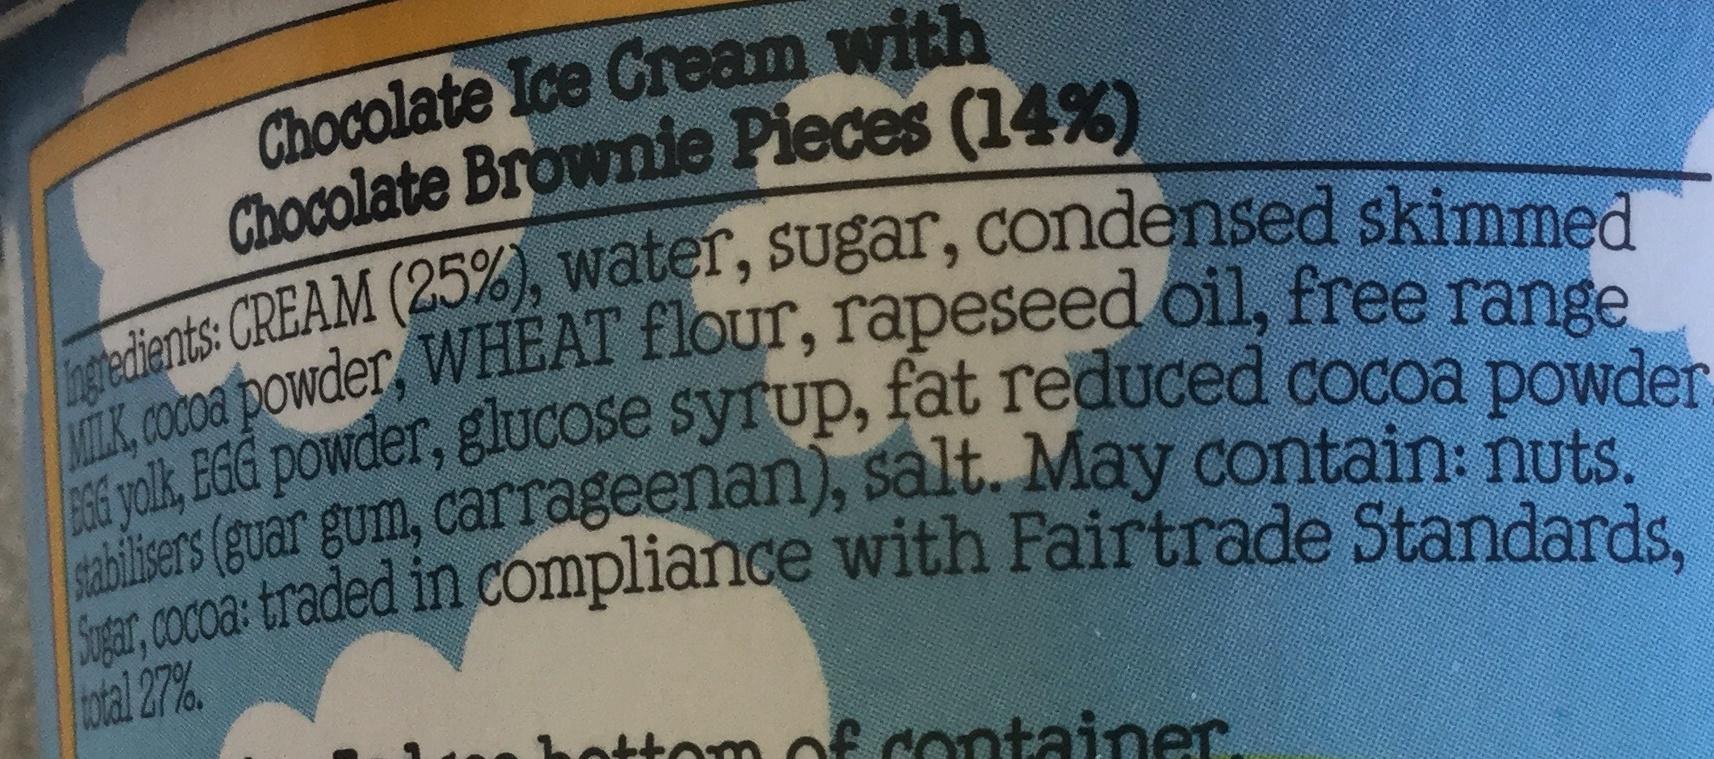 Chocolate Fudge Brownie - Ingrédients - en